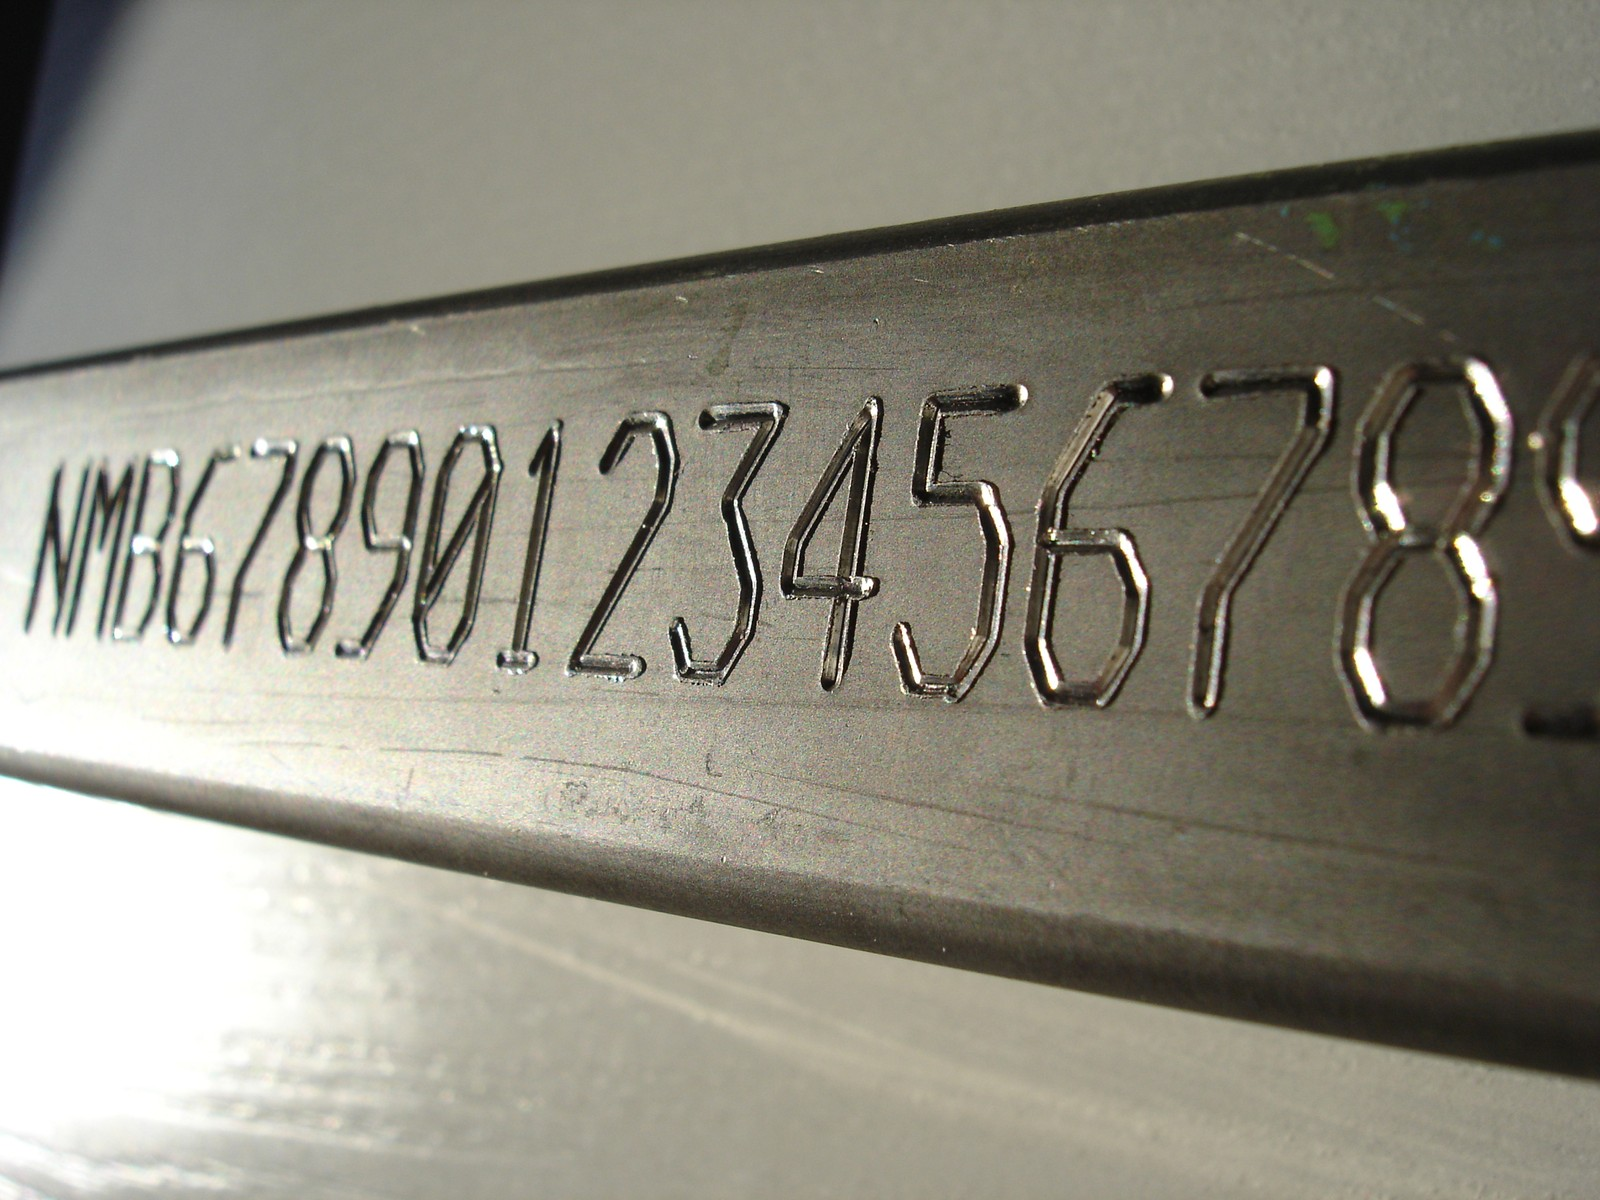 Die Nadelritzmarkierer von SIC Marking bringen Texte und Logos mit einer Karbid- oder Diamantnadel direkt auf das Material auf, selbst auf gehärteten Stahl.